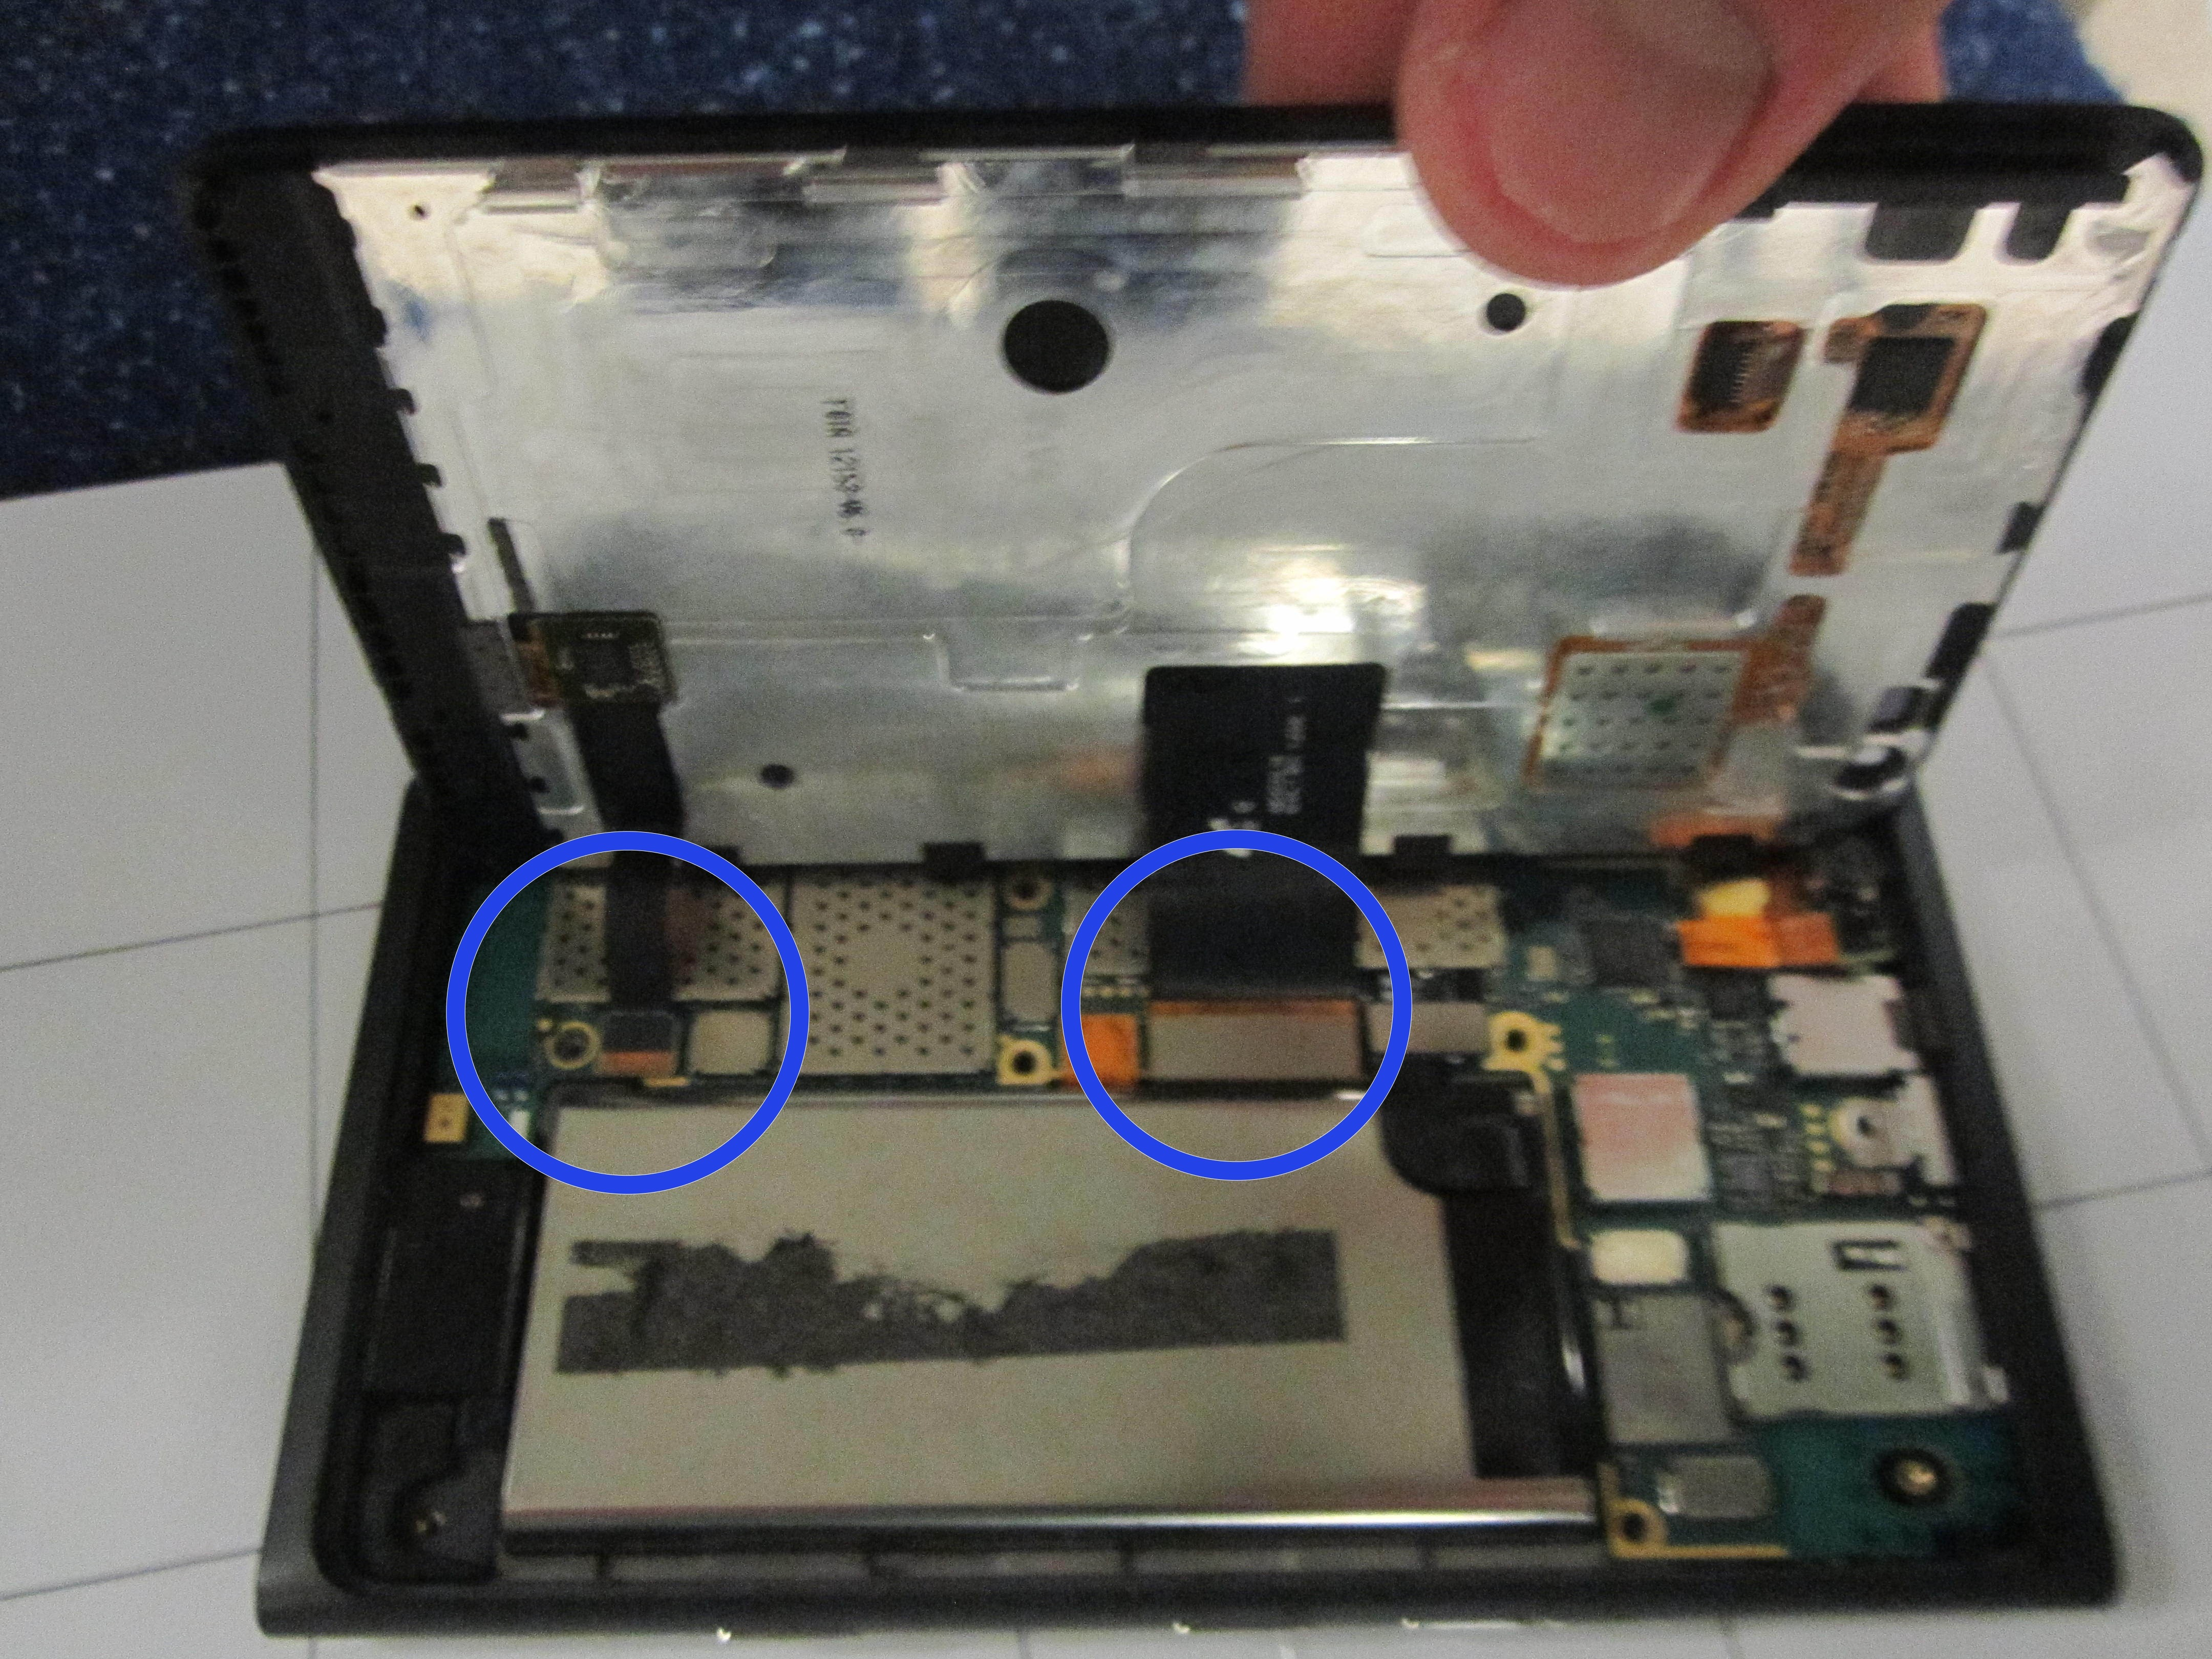 Nokia Lumia 900 Repair - iFixit